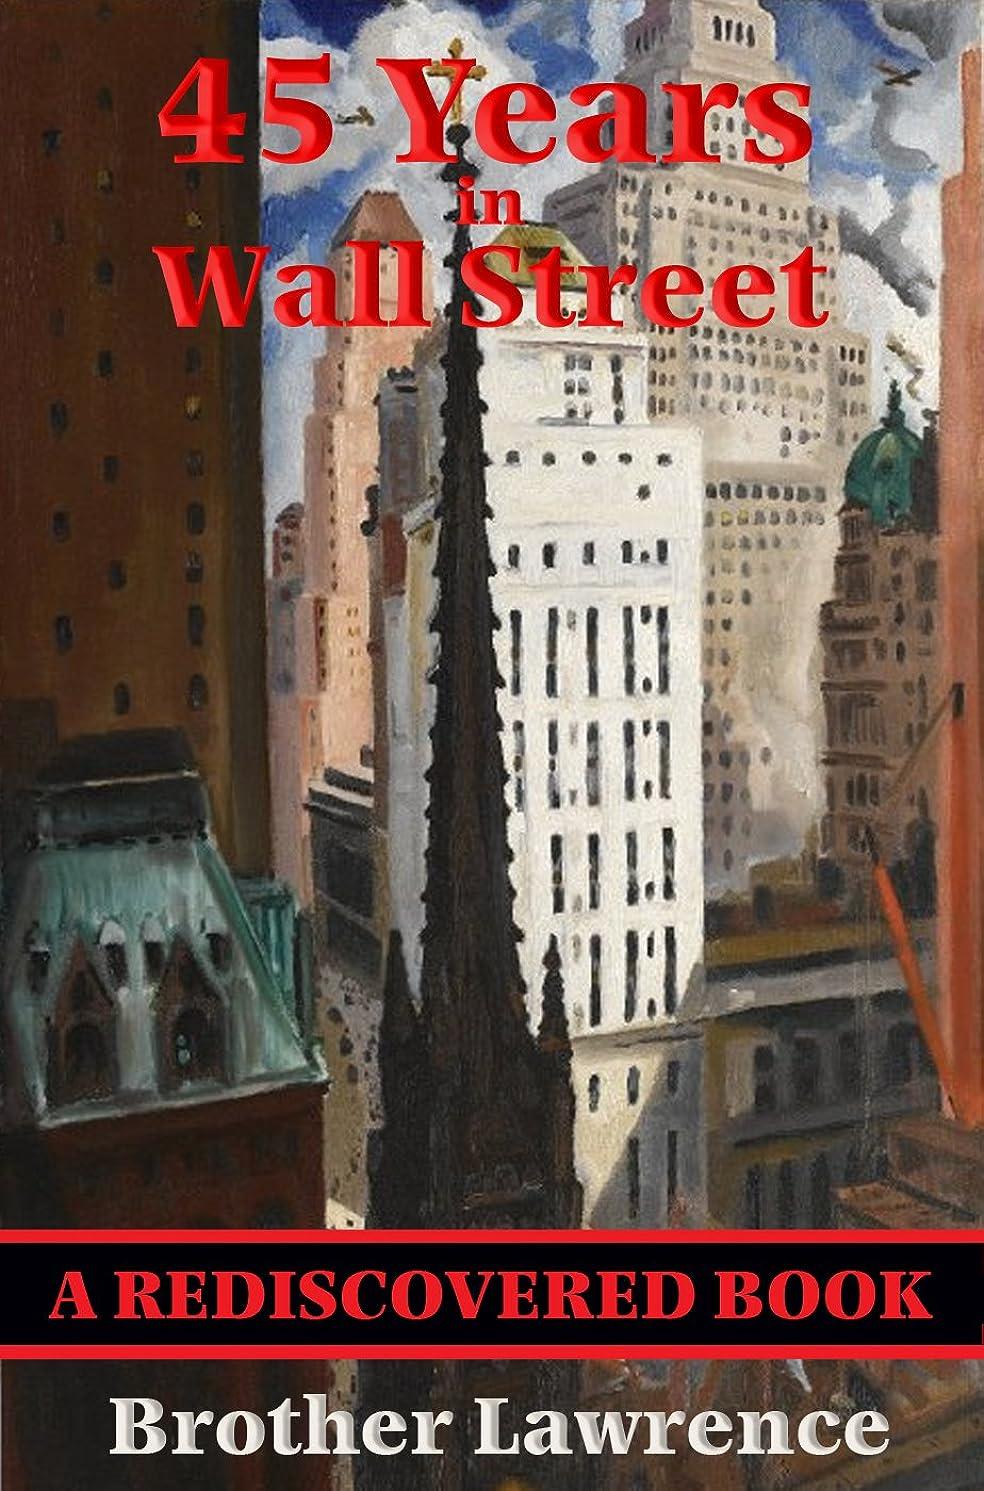 狂乱メンター重力45 Years In Wall Street (Rediscovered Books): A Review of the 1937 Panic and 1942 Panic, 1946 Bull Market with New Time Rules and Percentage Rules with ... the Trend on Stocks (English Edition)